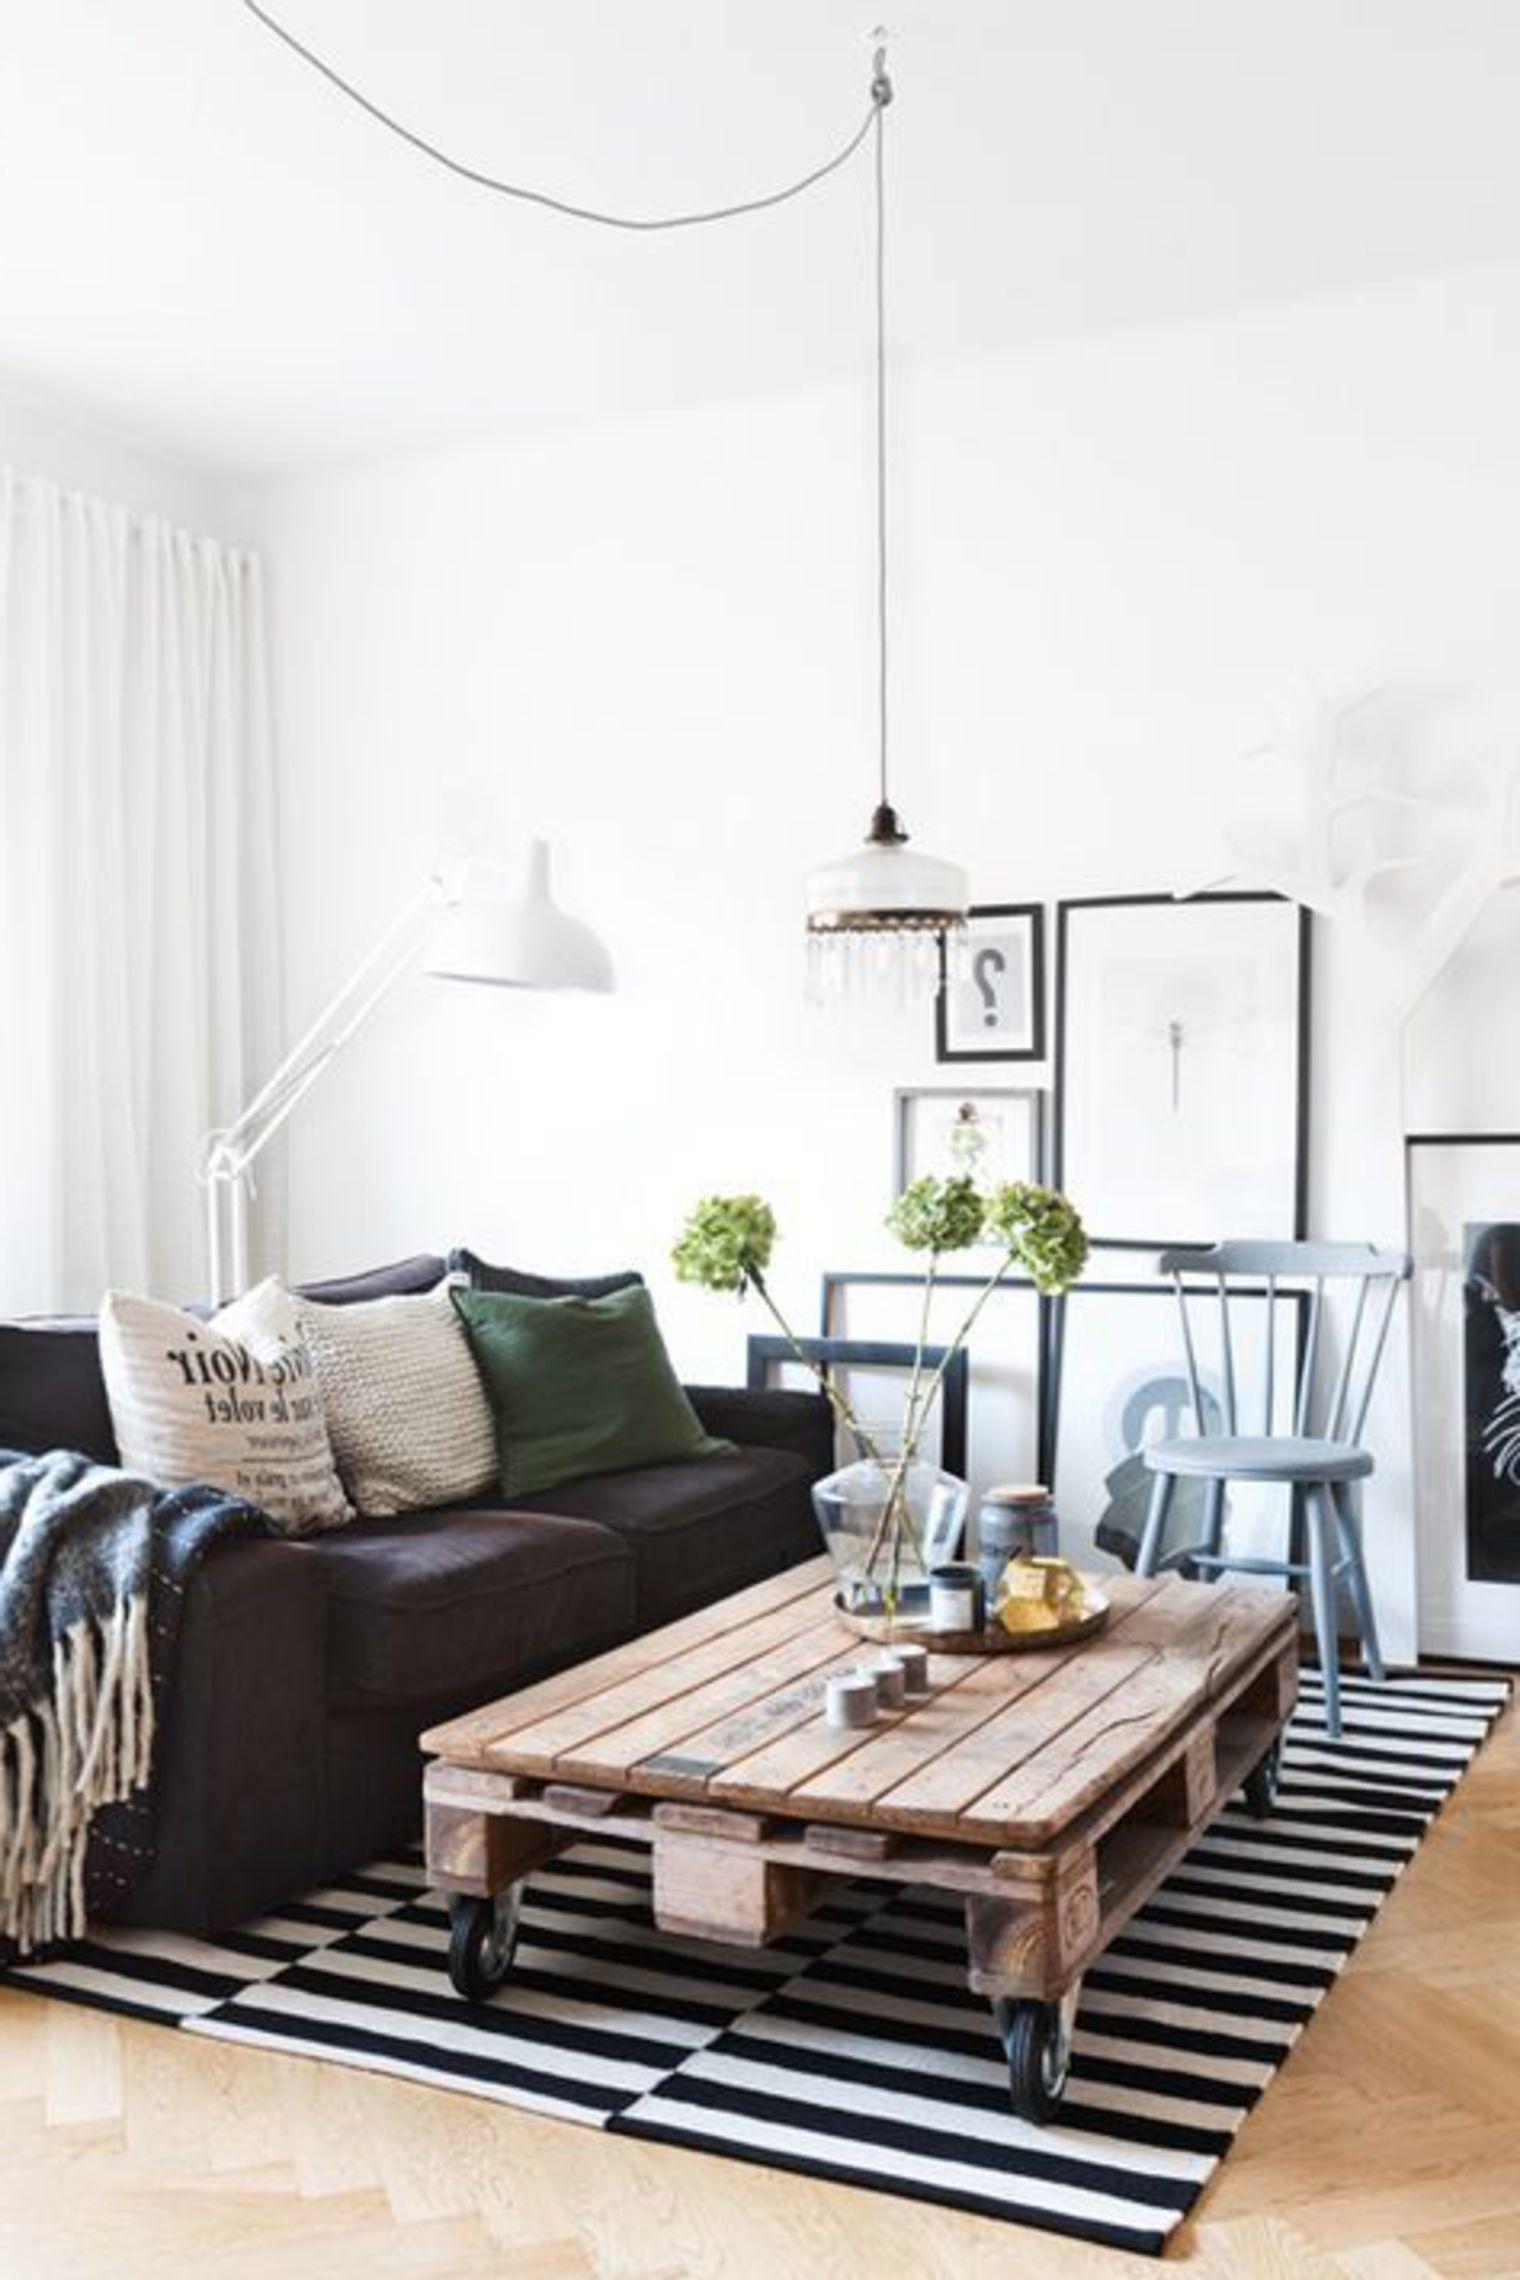 Wohnzimmer mit tisch aus paletten einrichten einrichten und wohnen - Wohnungseinrichtung planen ...